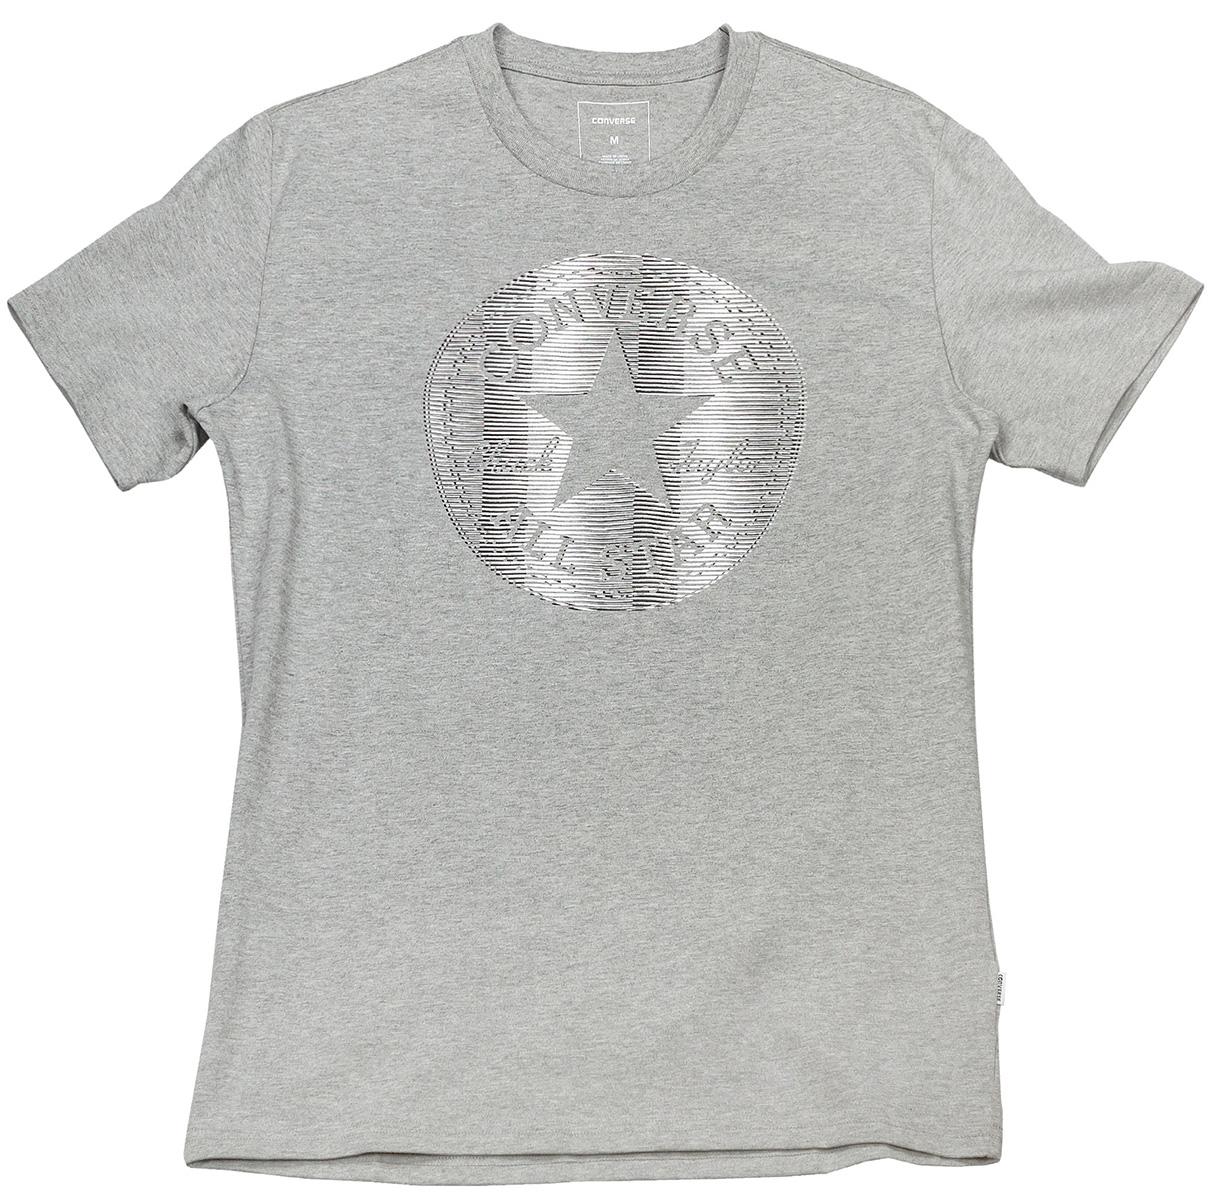 Футболка мужская Converse Lenticular Chuckpatch Tee, цвет: серый. 10004734035. Размер XXL (54)10004734035Стильная мужская футболка Converse, выполненная из высококачественного материала, прекрасно подойдет для активного отдыха и занятий спортом.Модель с короткими рукавами и круглым вырезом горловины - идеальный вариант для создания образа в спортивном стиле. Футболка оформлена термоаппликацией в виде логотипа бренда, что непременно раскроет ваш спортивный дух.Такая модель подарит вам комфорт в течение всего дня и послужит замечательным дополнением к вашему гардеробу.